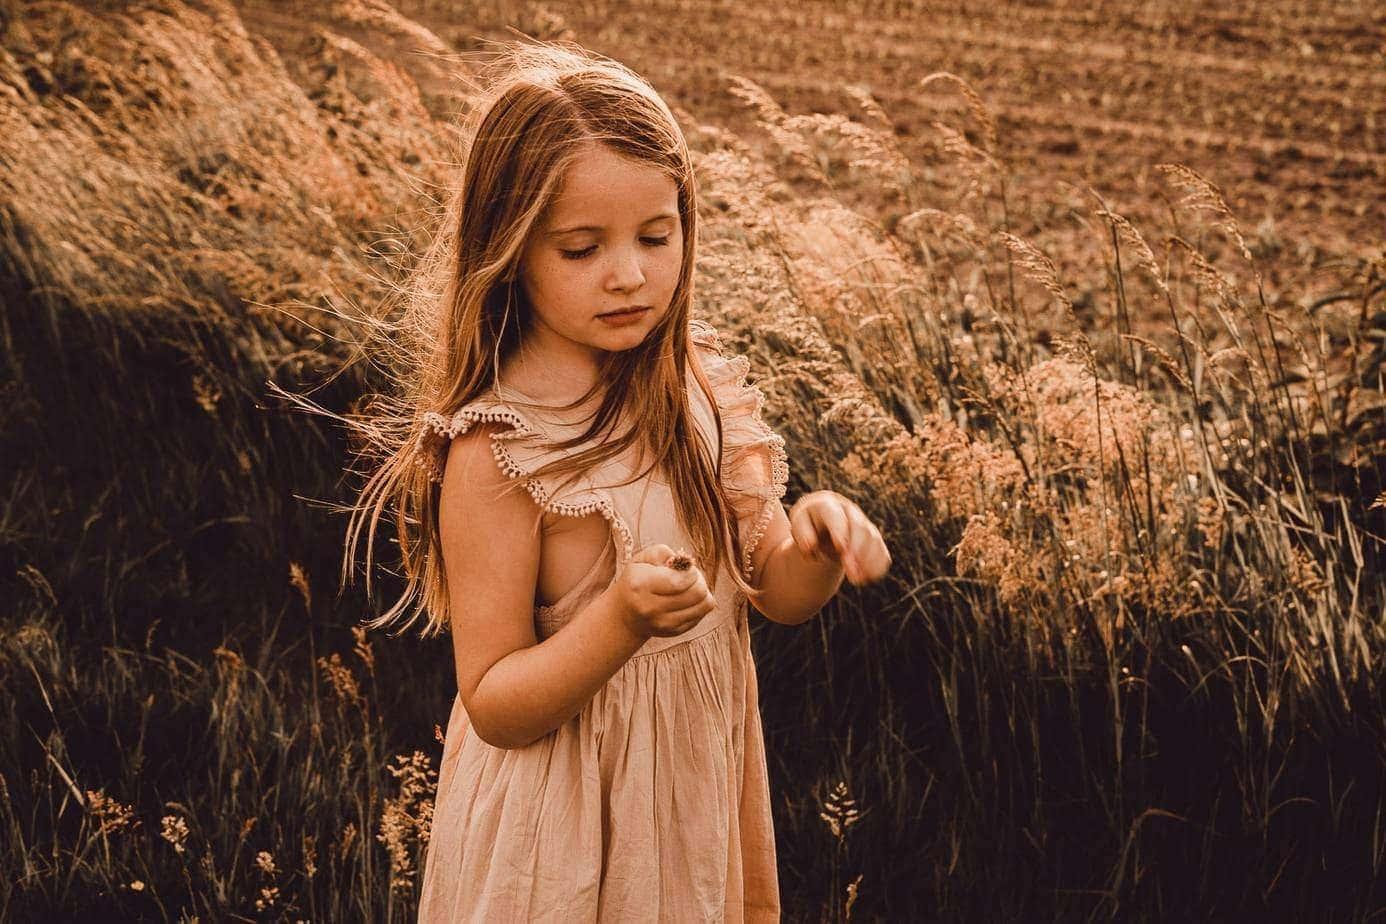 fotograaf Sophie van Beautiful Moments uit Antwerpen legde deze prachtige meid Yentl vast.